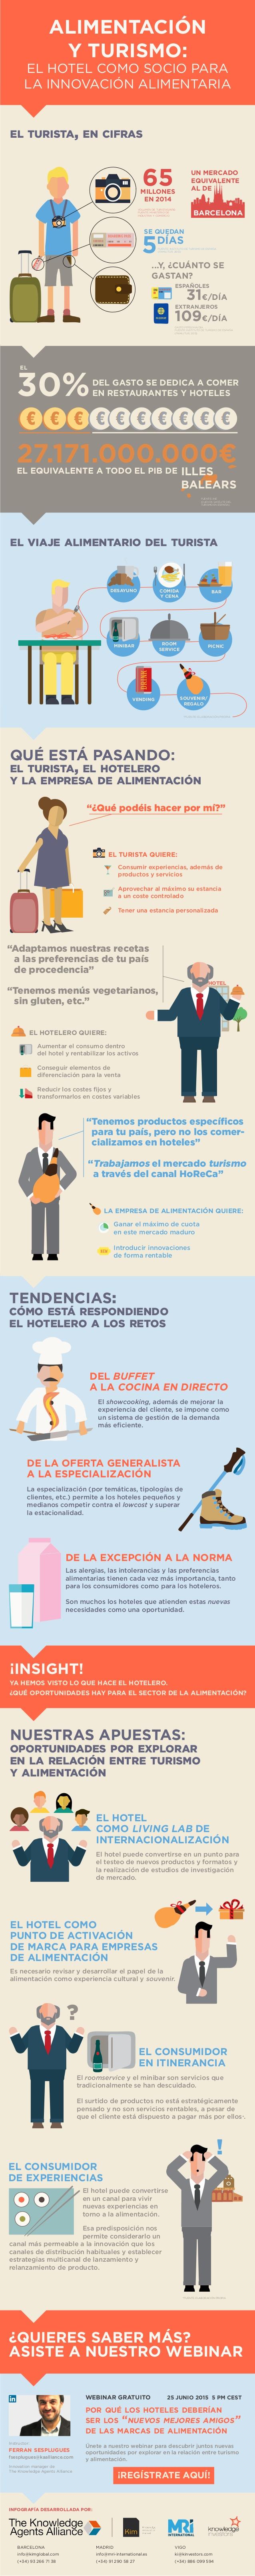 Alimentación y Turismo